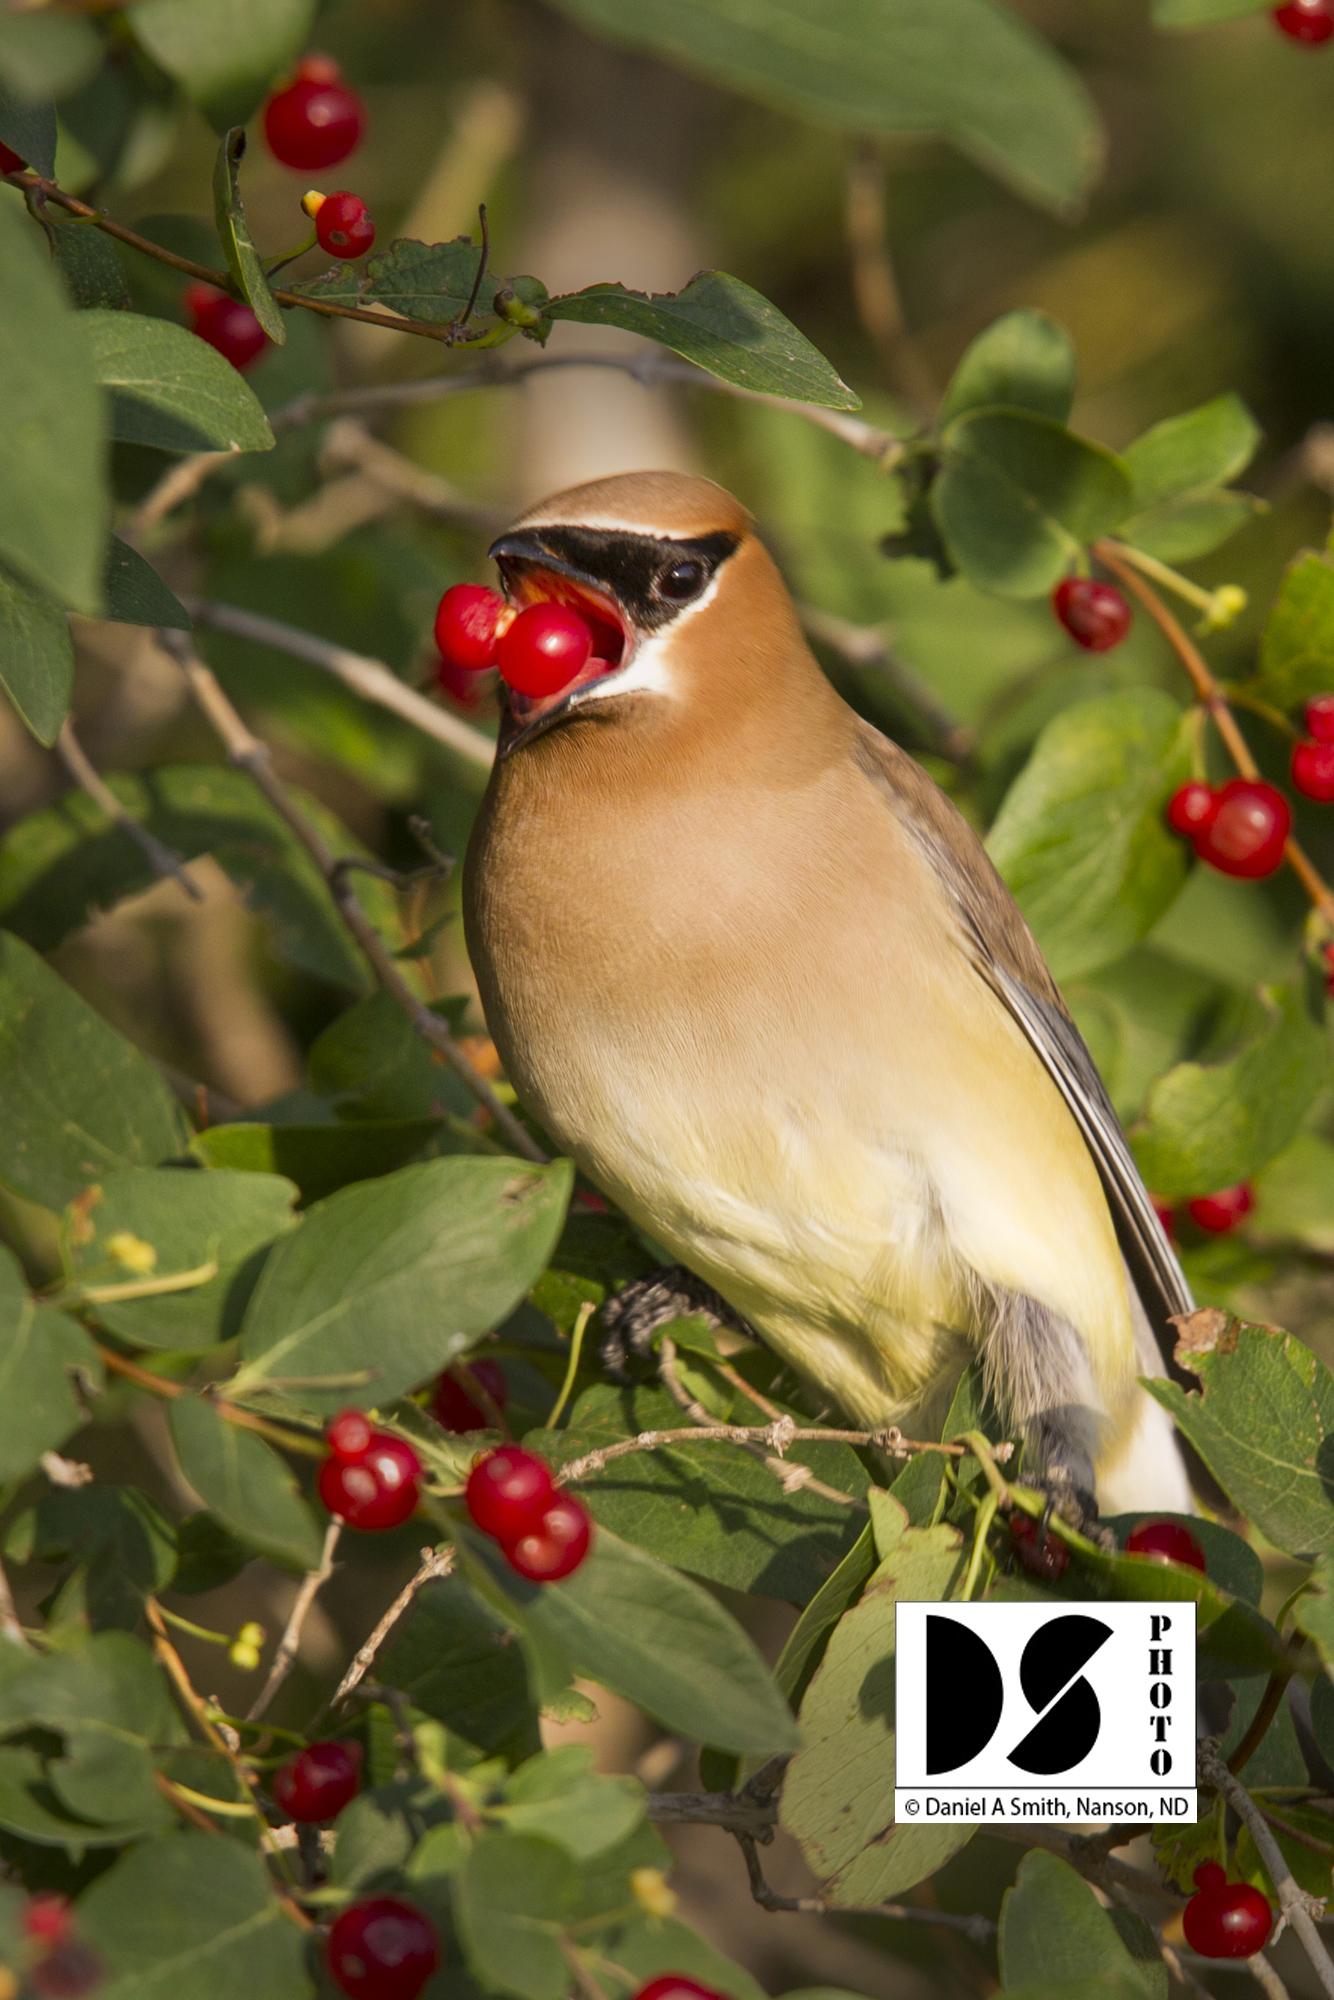 © 2020 Daniel A Smith, Cedar Waxwing with Honeysuckle berries